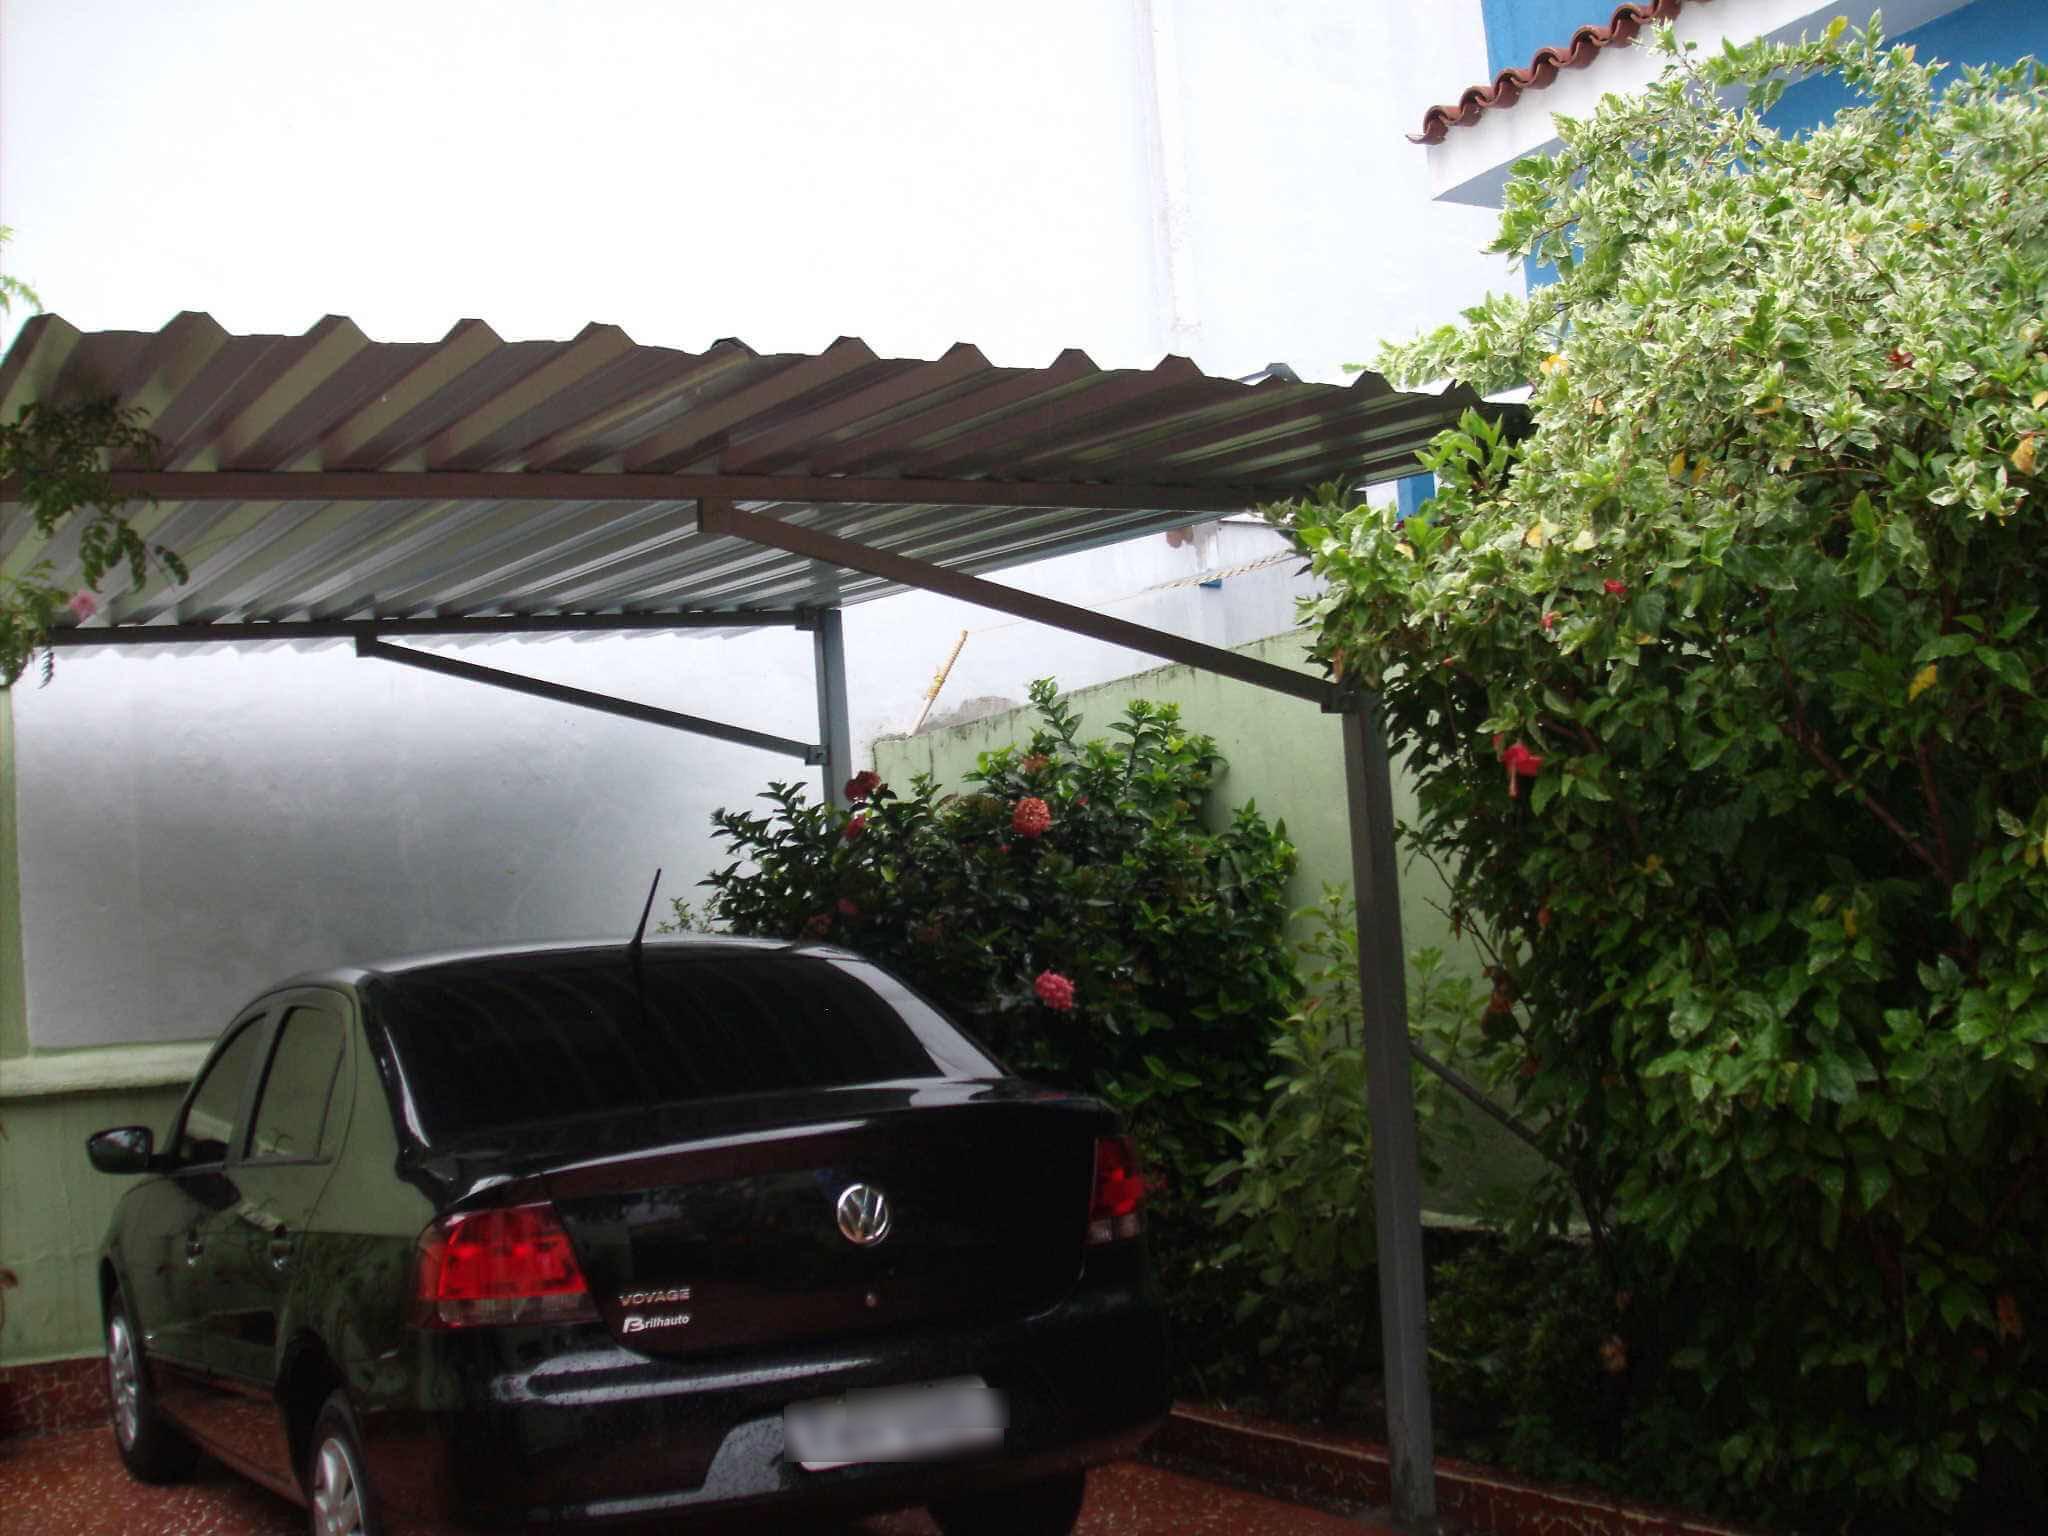 Coberturas Metálicas para Estacionamento - Rio de Janeiro